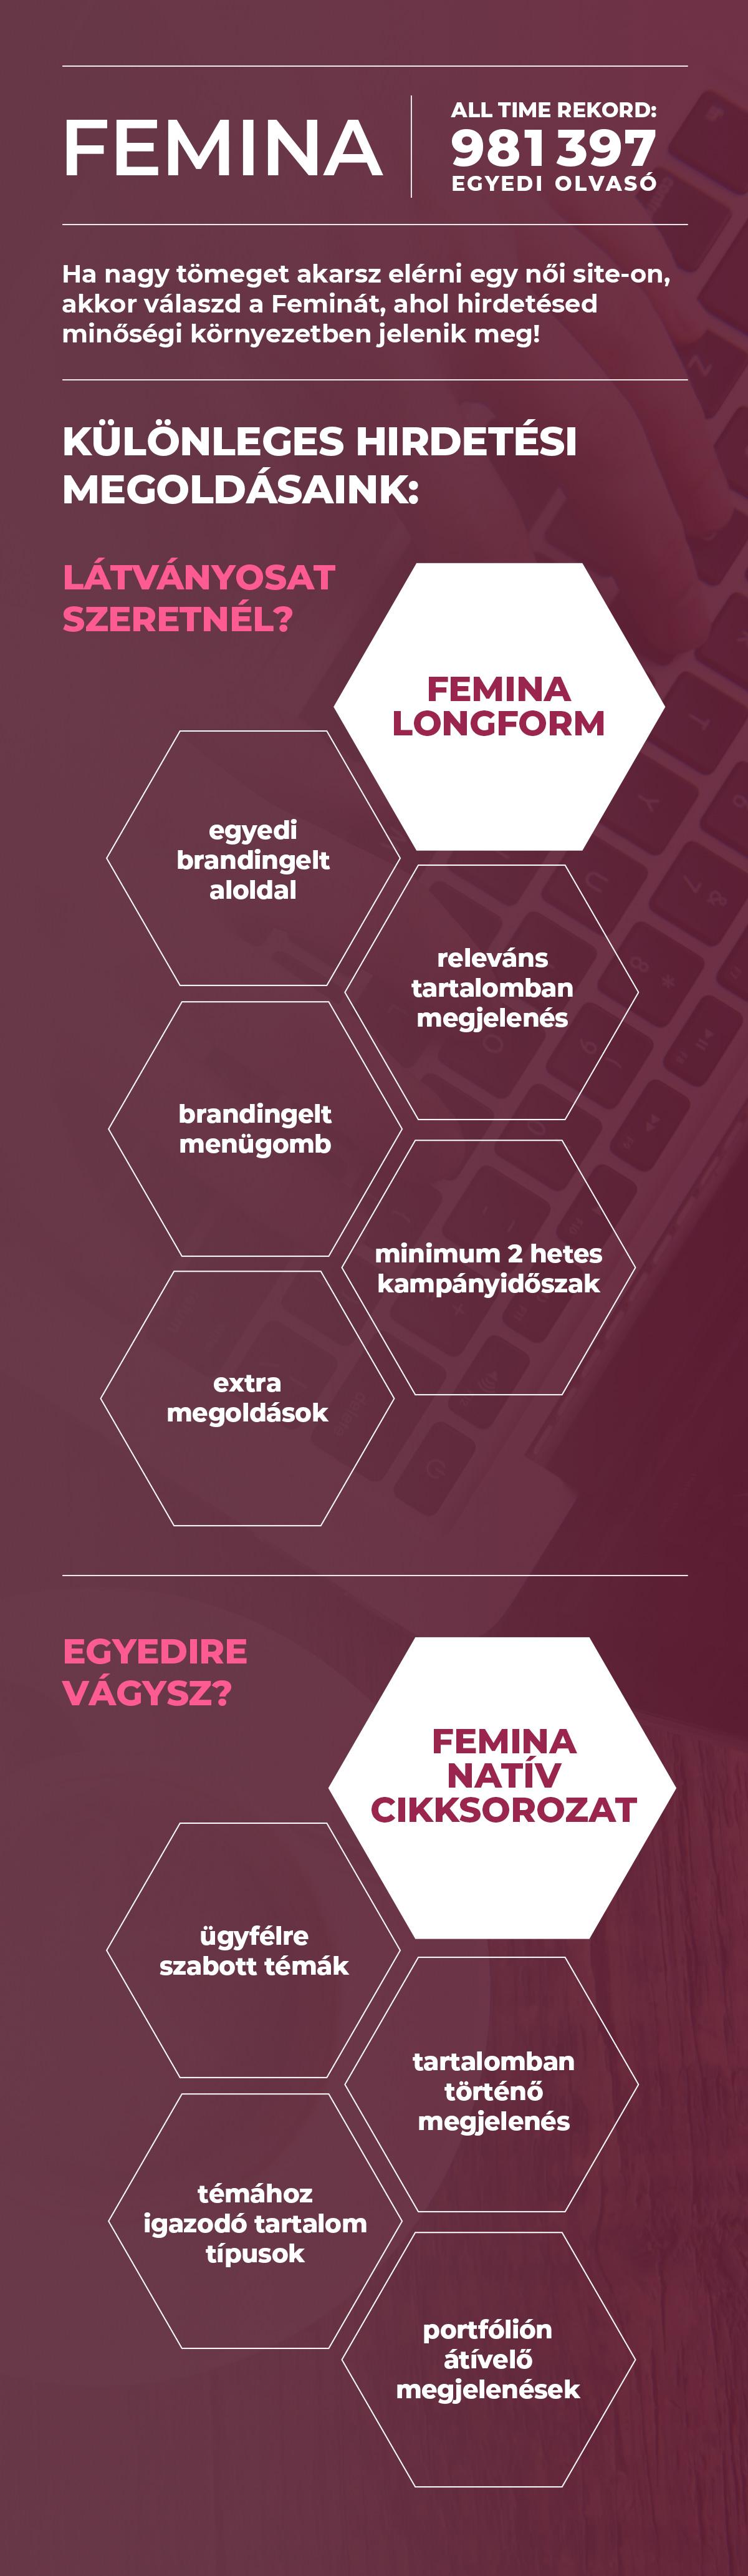 infografika.jpg